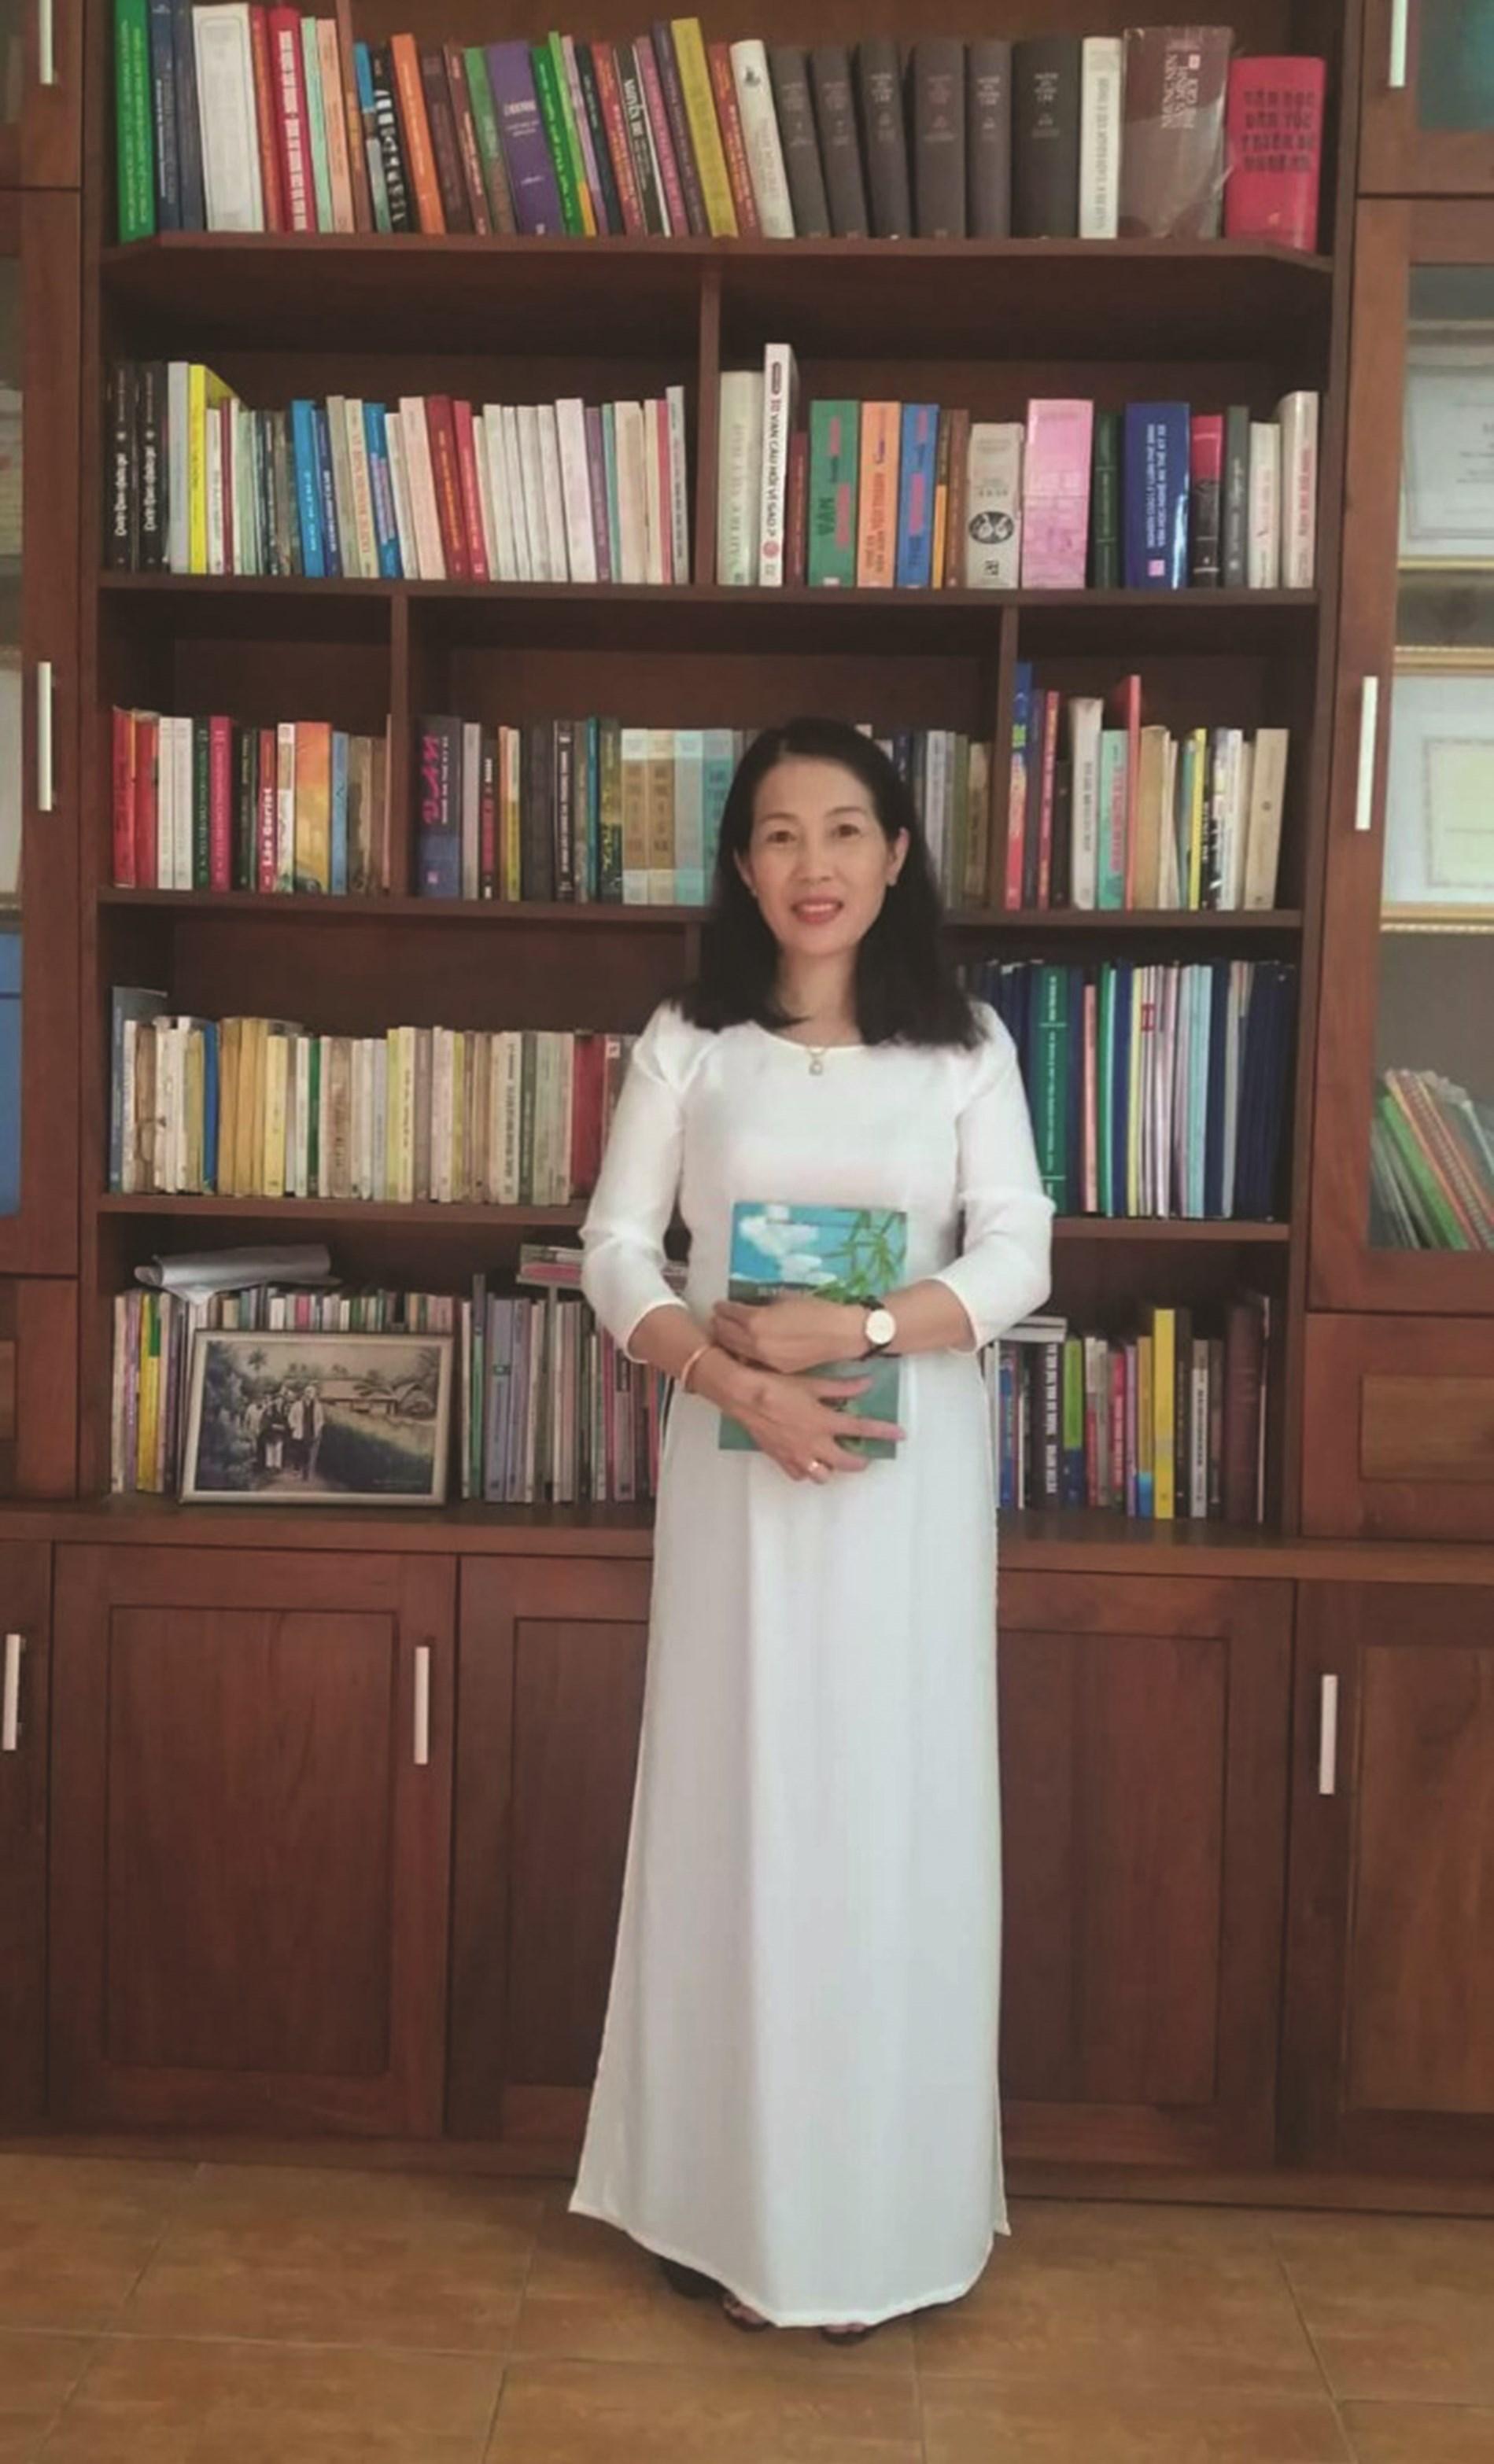 Cô giáo Trần Thị Thảo Trường PTDTNT số 1 tỉnh Nghệ An.